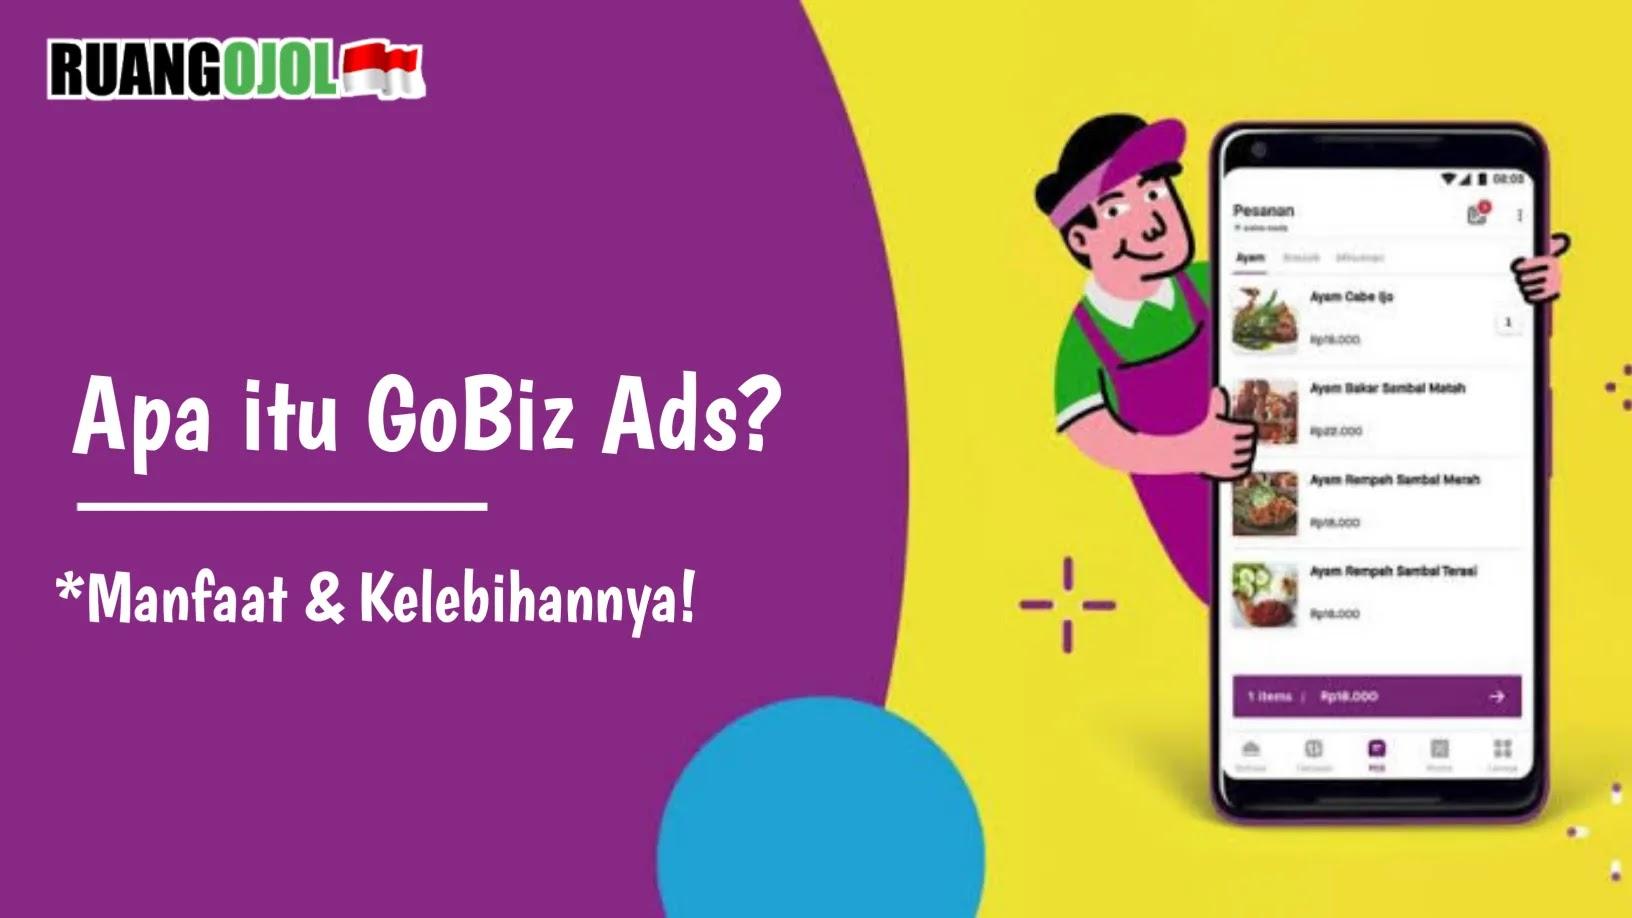 Apa itu GoBiz Ads? Cara daftar, Manfaat dan Keuntungan!